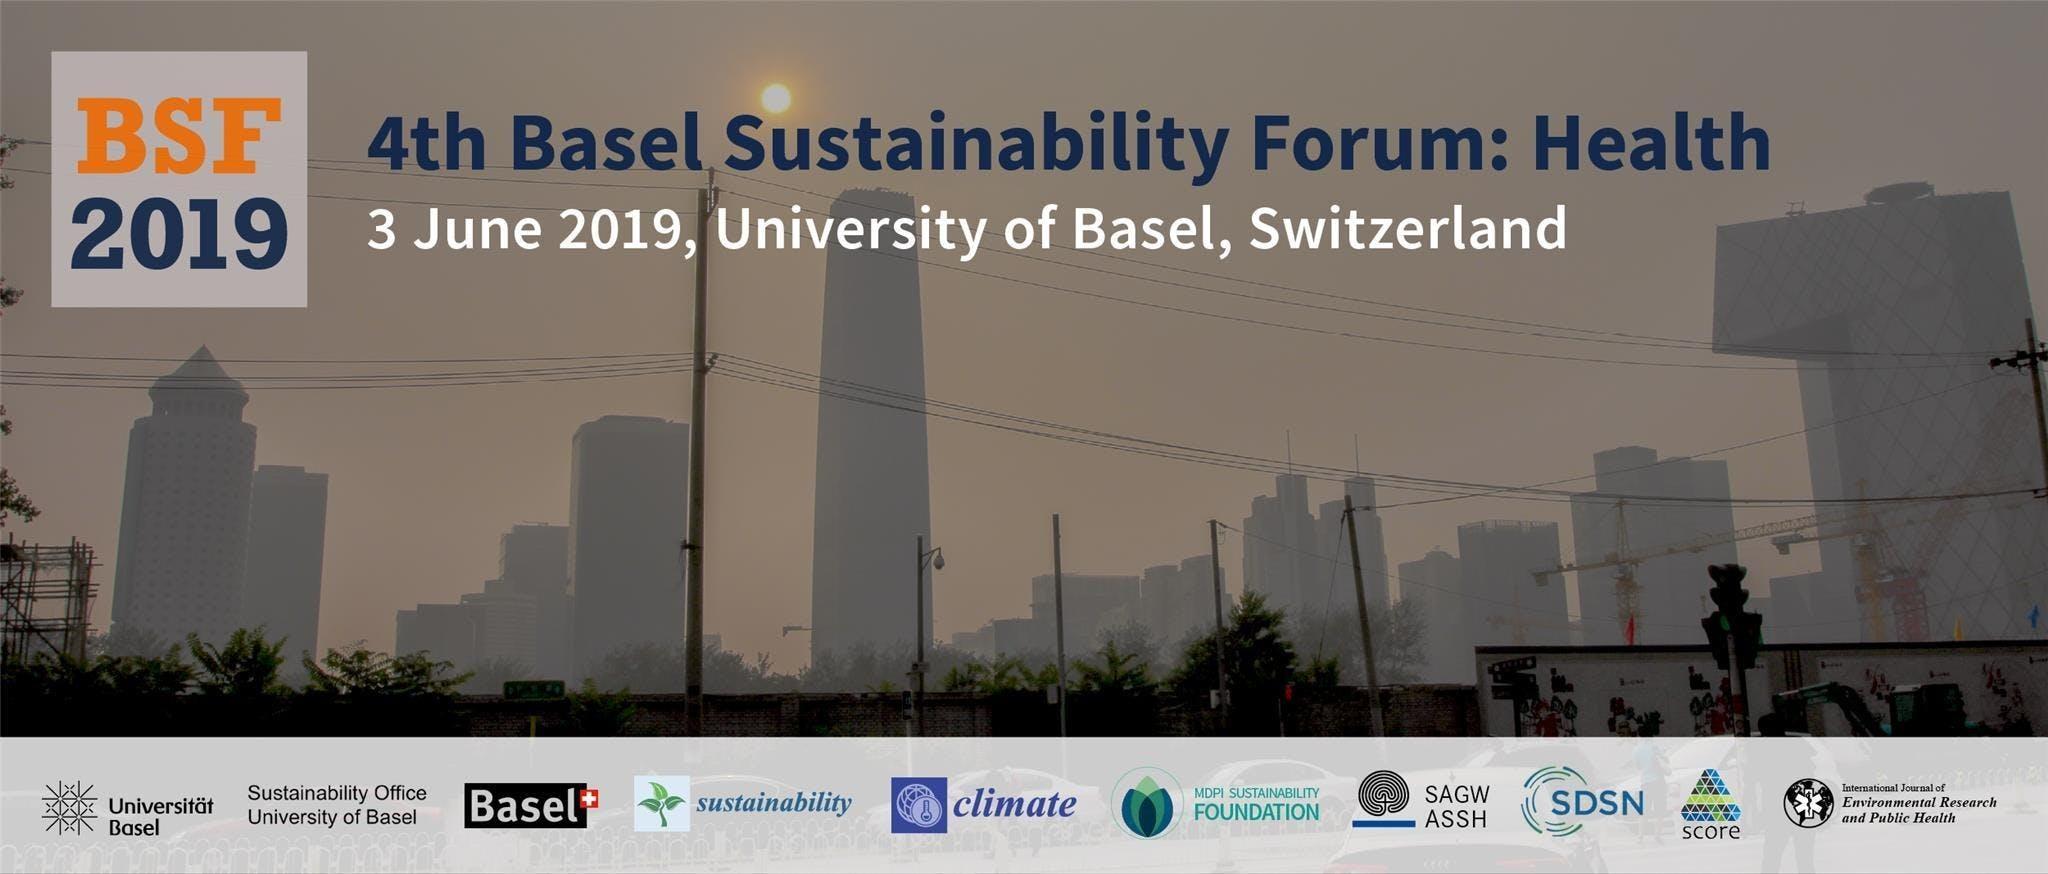 Fourth Basel Sustainability Forum